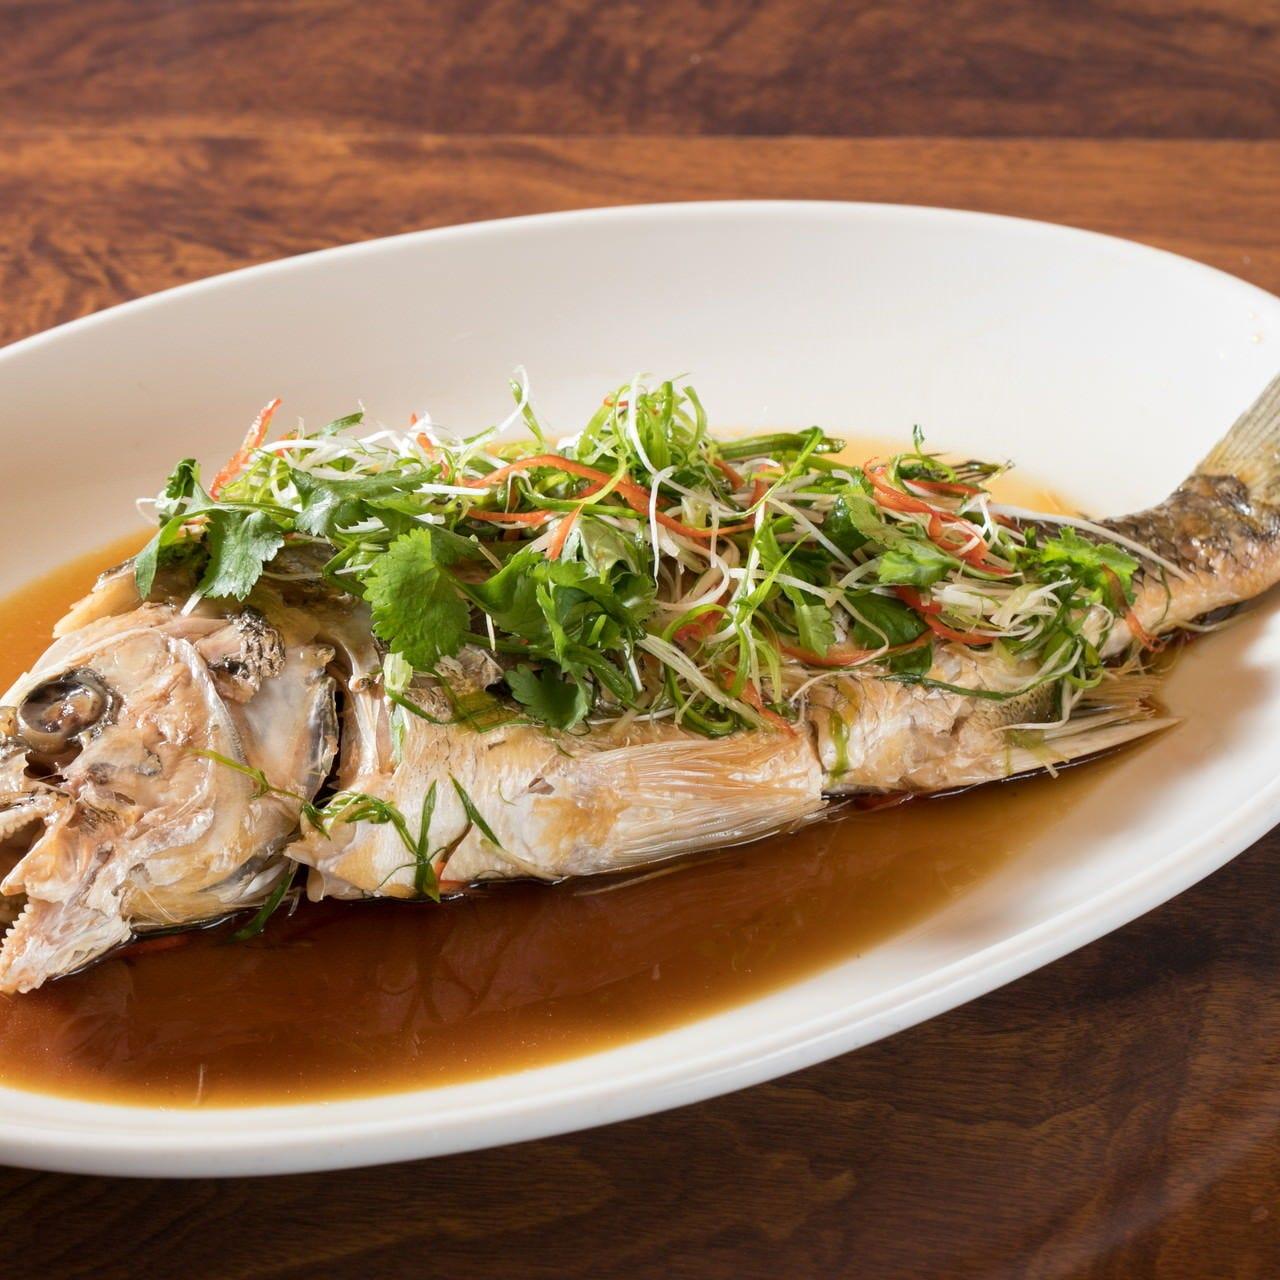 旬の鮮魚も堪能できます。中華風の味付けをお楽しみください